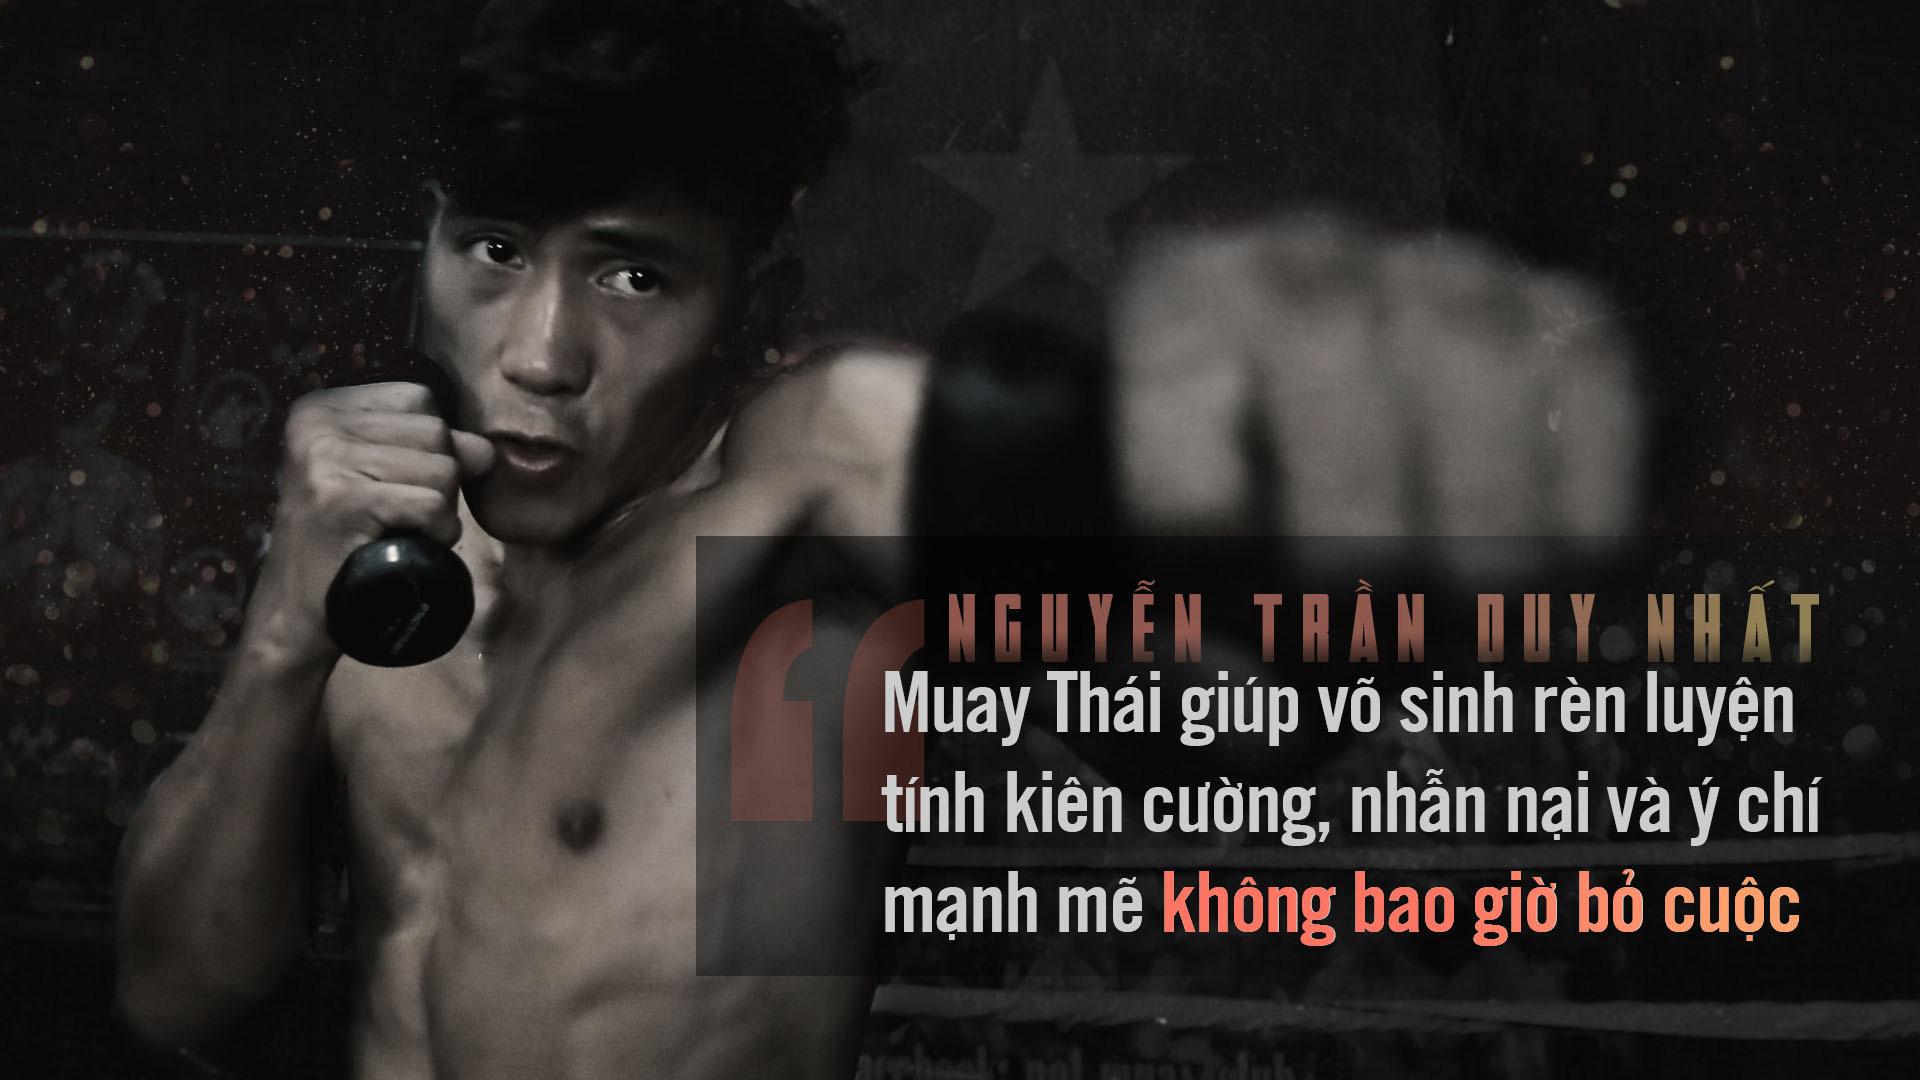 """Nguyễn Trần Duy Nhất: Hành trình kỳ lạ và """"ác mộng"""" SEA Games - Ảnh 7."""